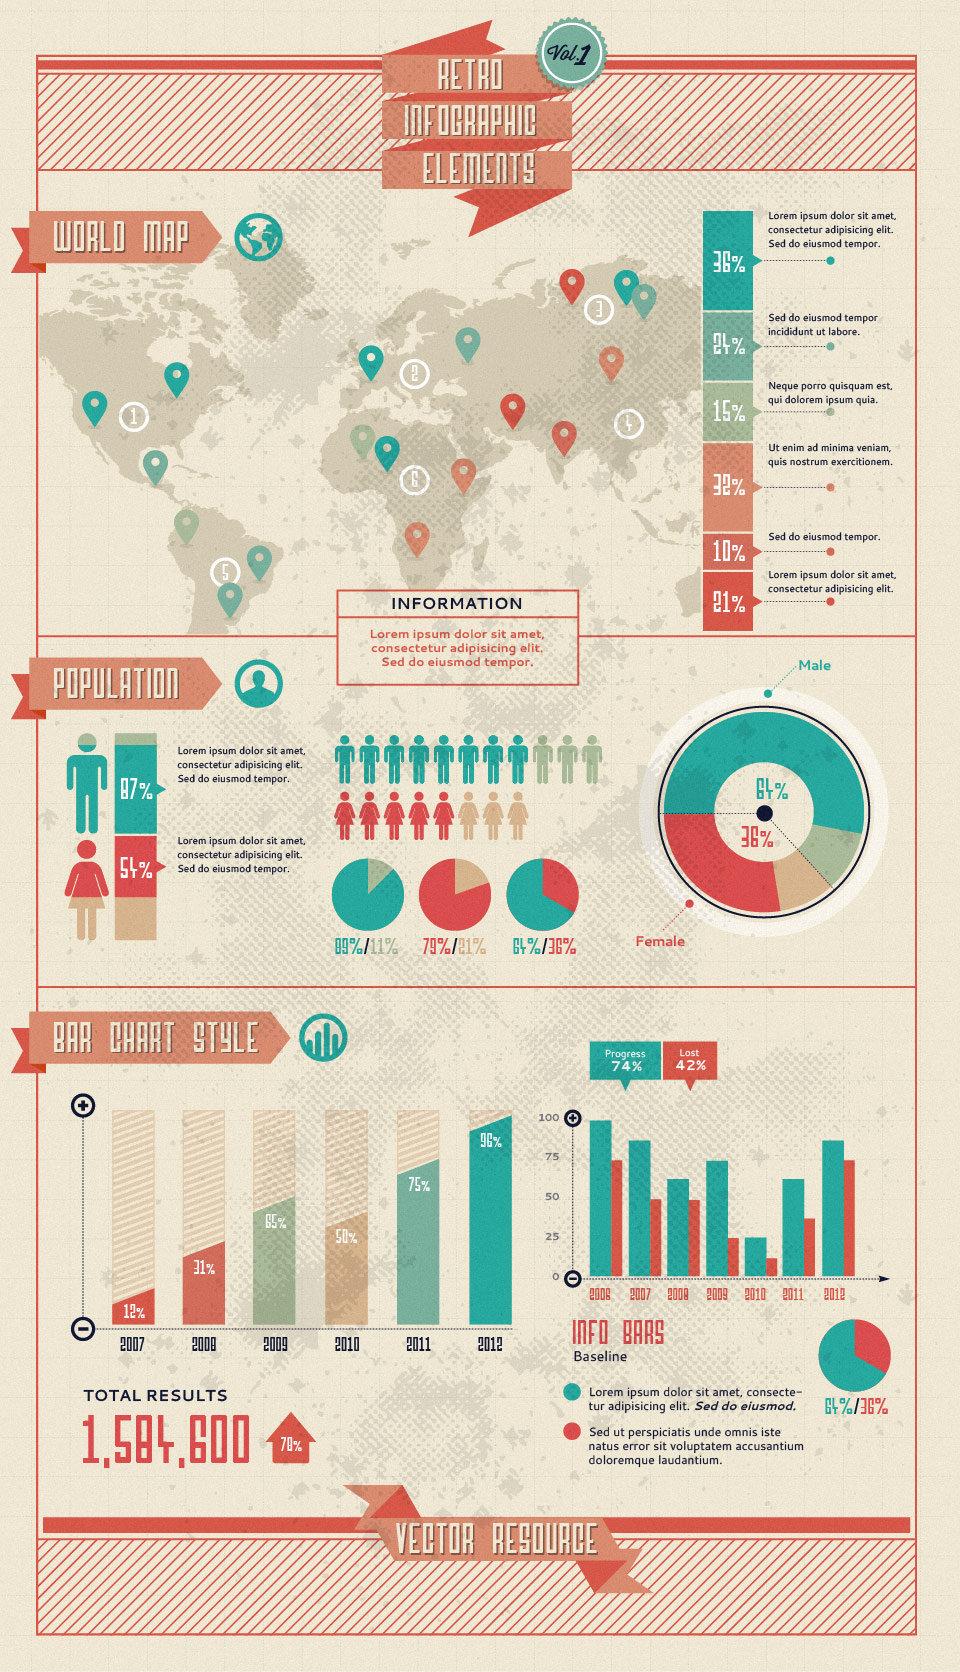 Retro Infographic Vector Elements